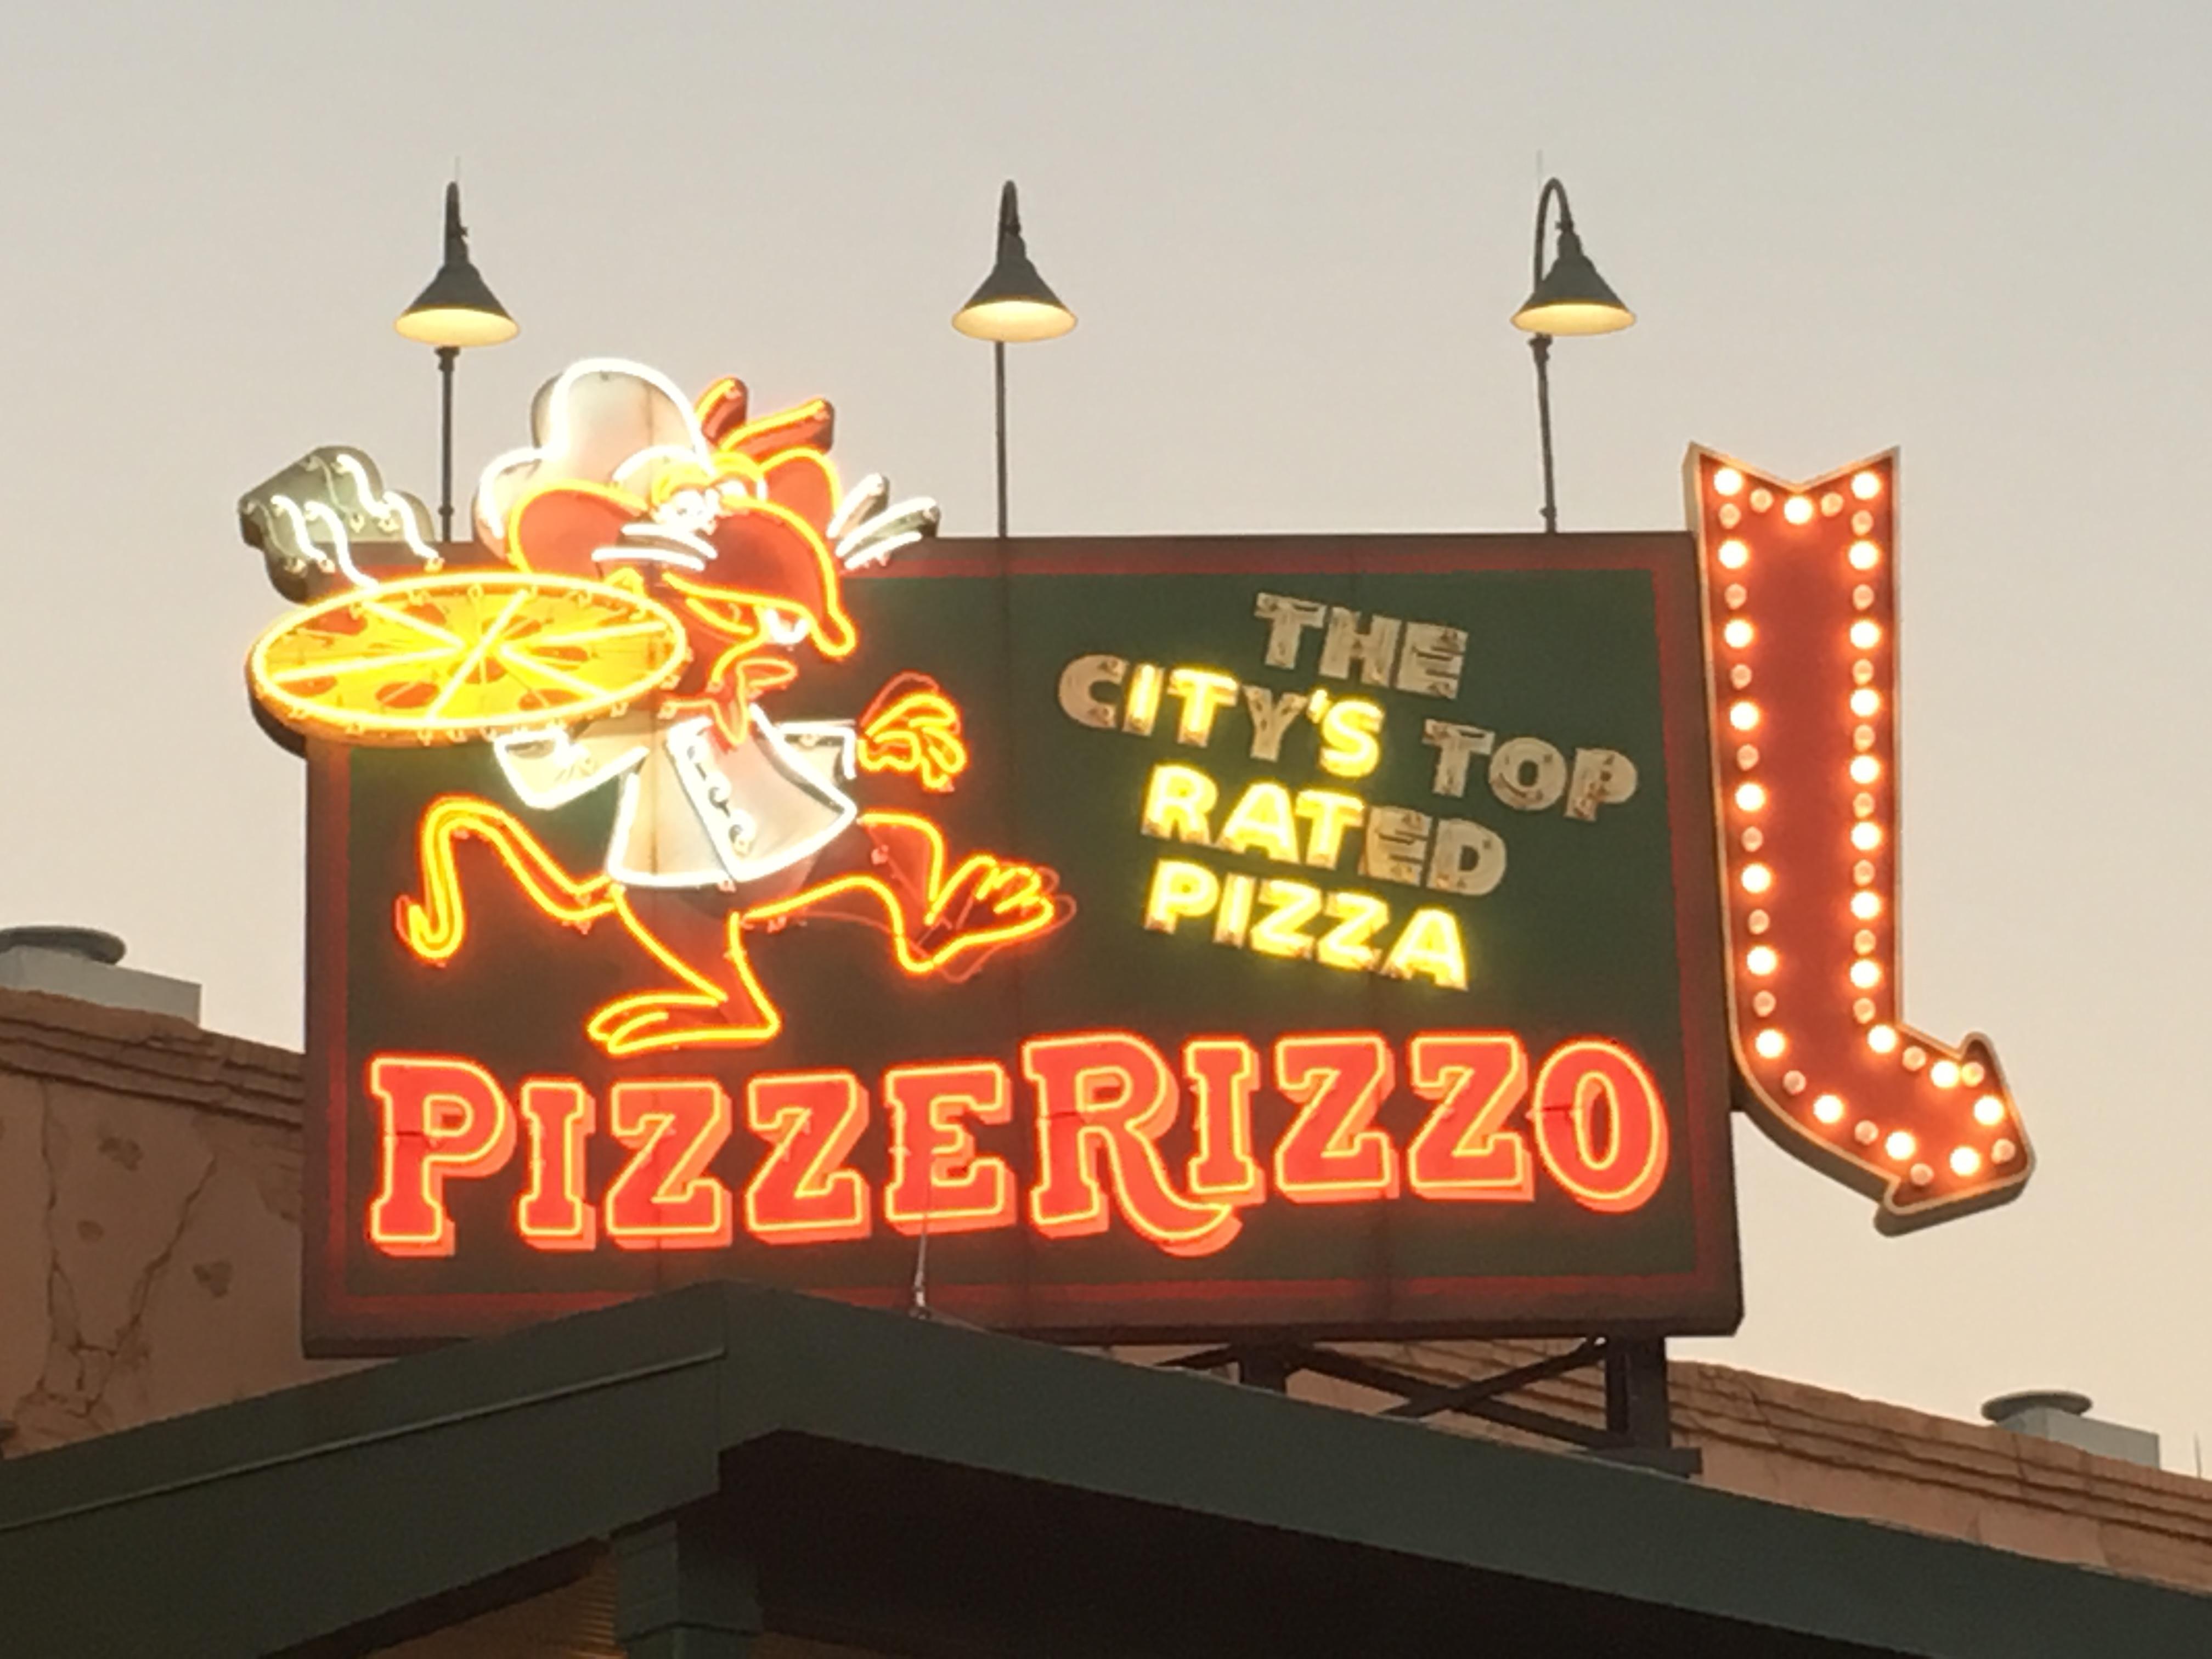 pizzerizzo22